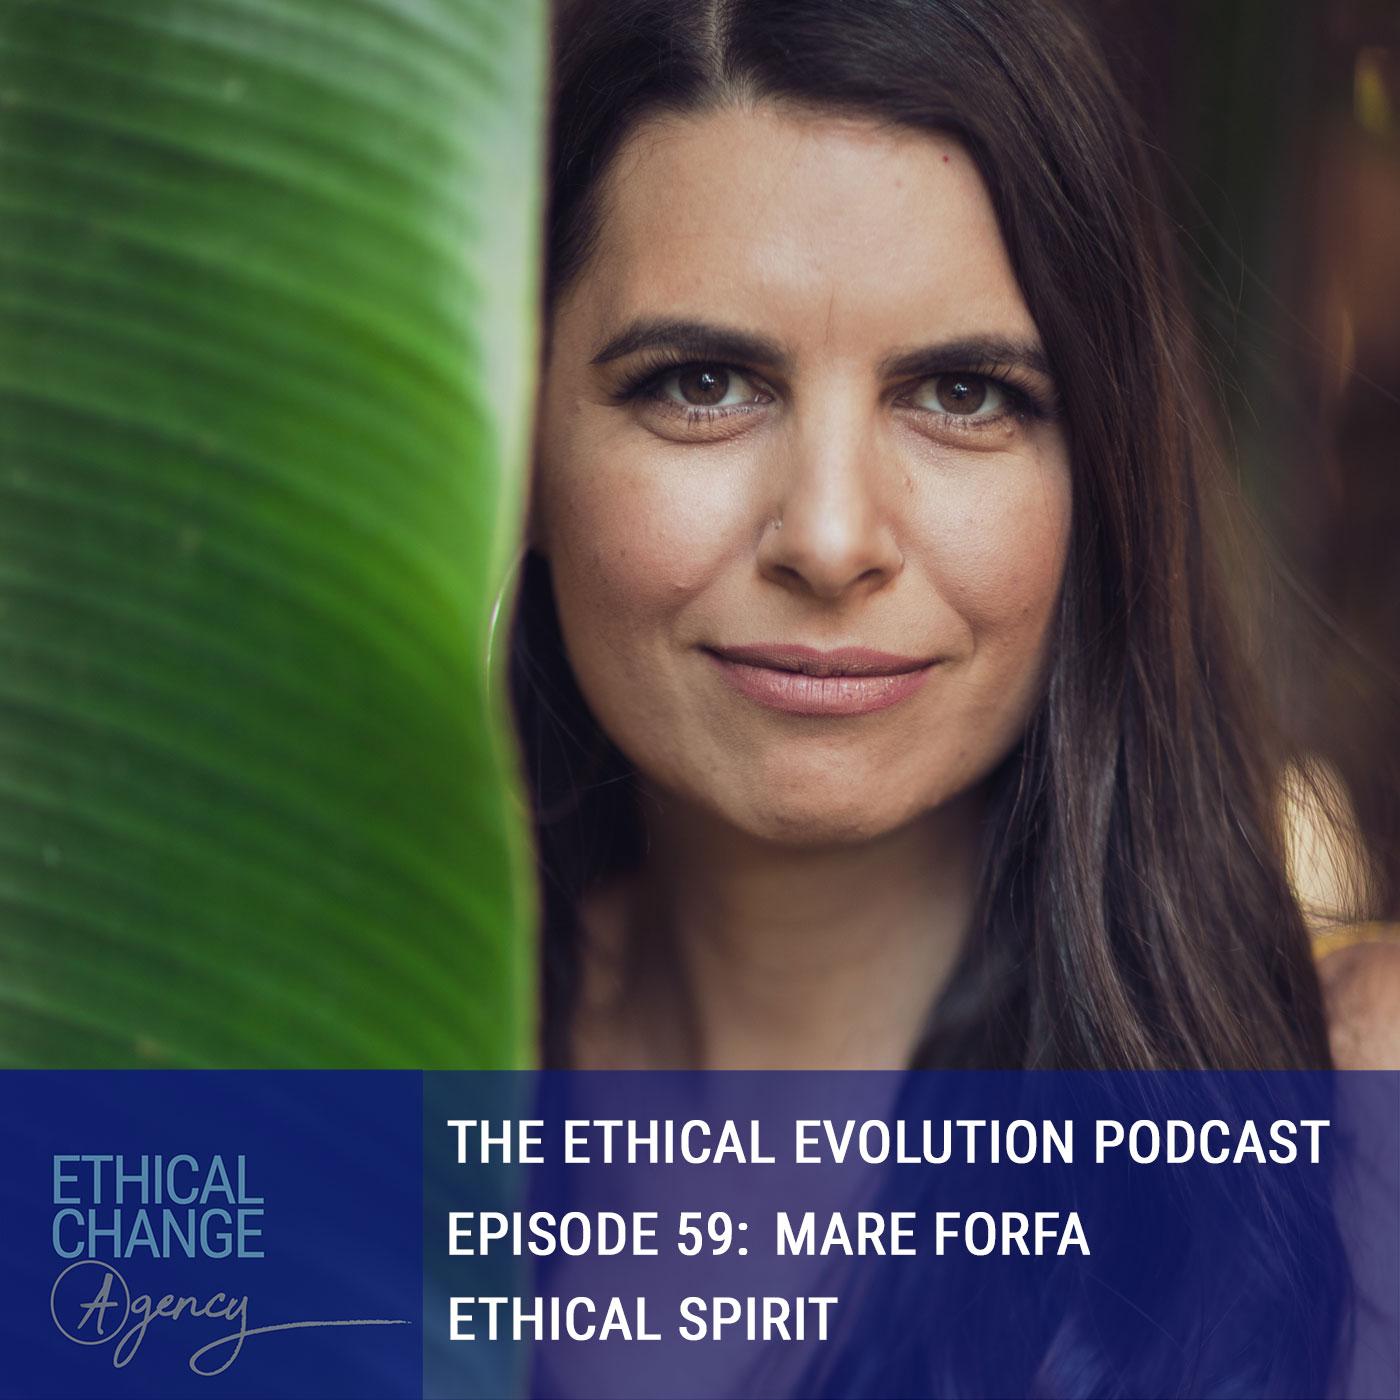 Artwork for podcast The Ethical Evolution Podcast